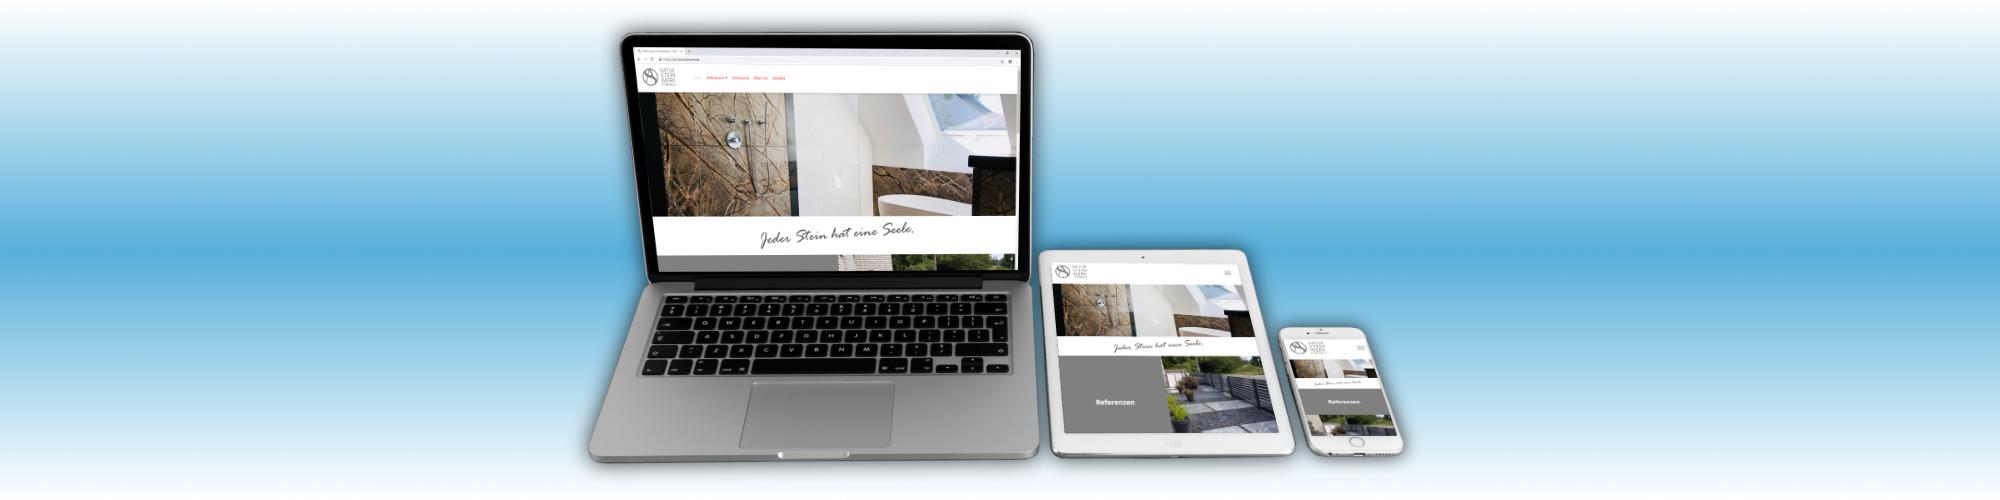 Webdesign für das AS Natursteinwerk Gelsenkirchen, einem Anbieter von Naturstein, Quarz und Keramik